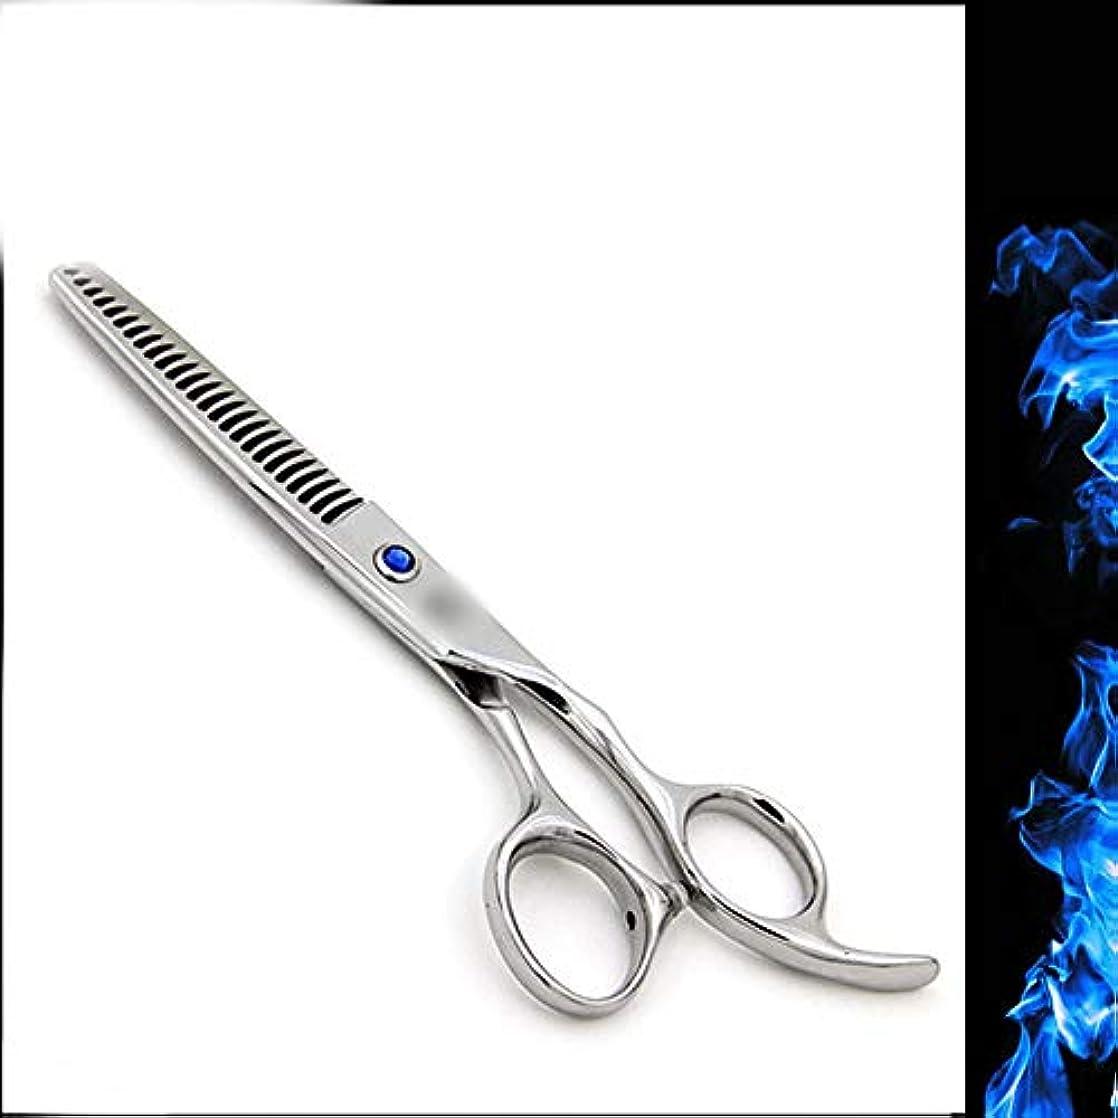 レイ刺激するフィクションBOBIDYEE 6インチ美容院プロフェッショナルハイエンド理髪はさみ、美容院特別台形間伐歯はさみヘアカットはさみステンレス理髪はさみ (色 : Silver)